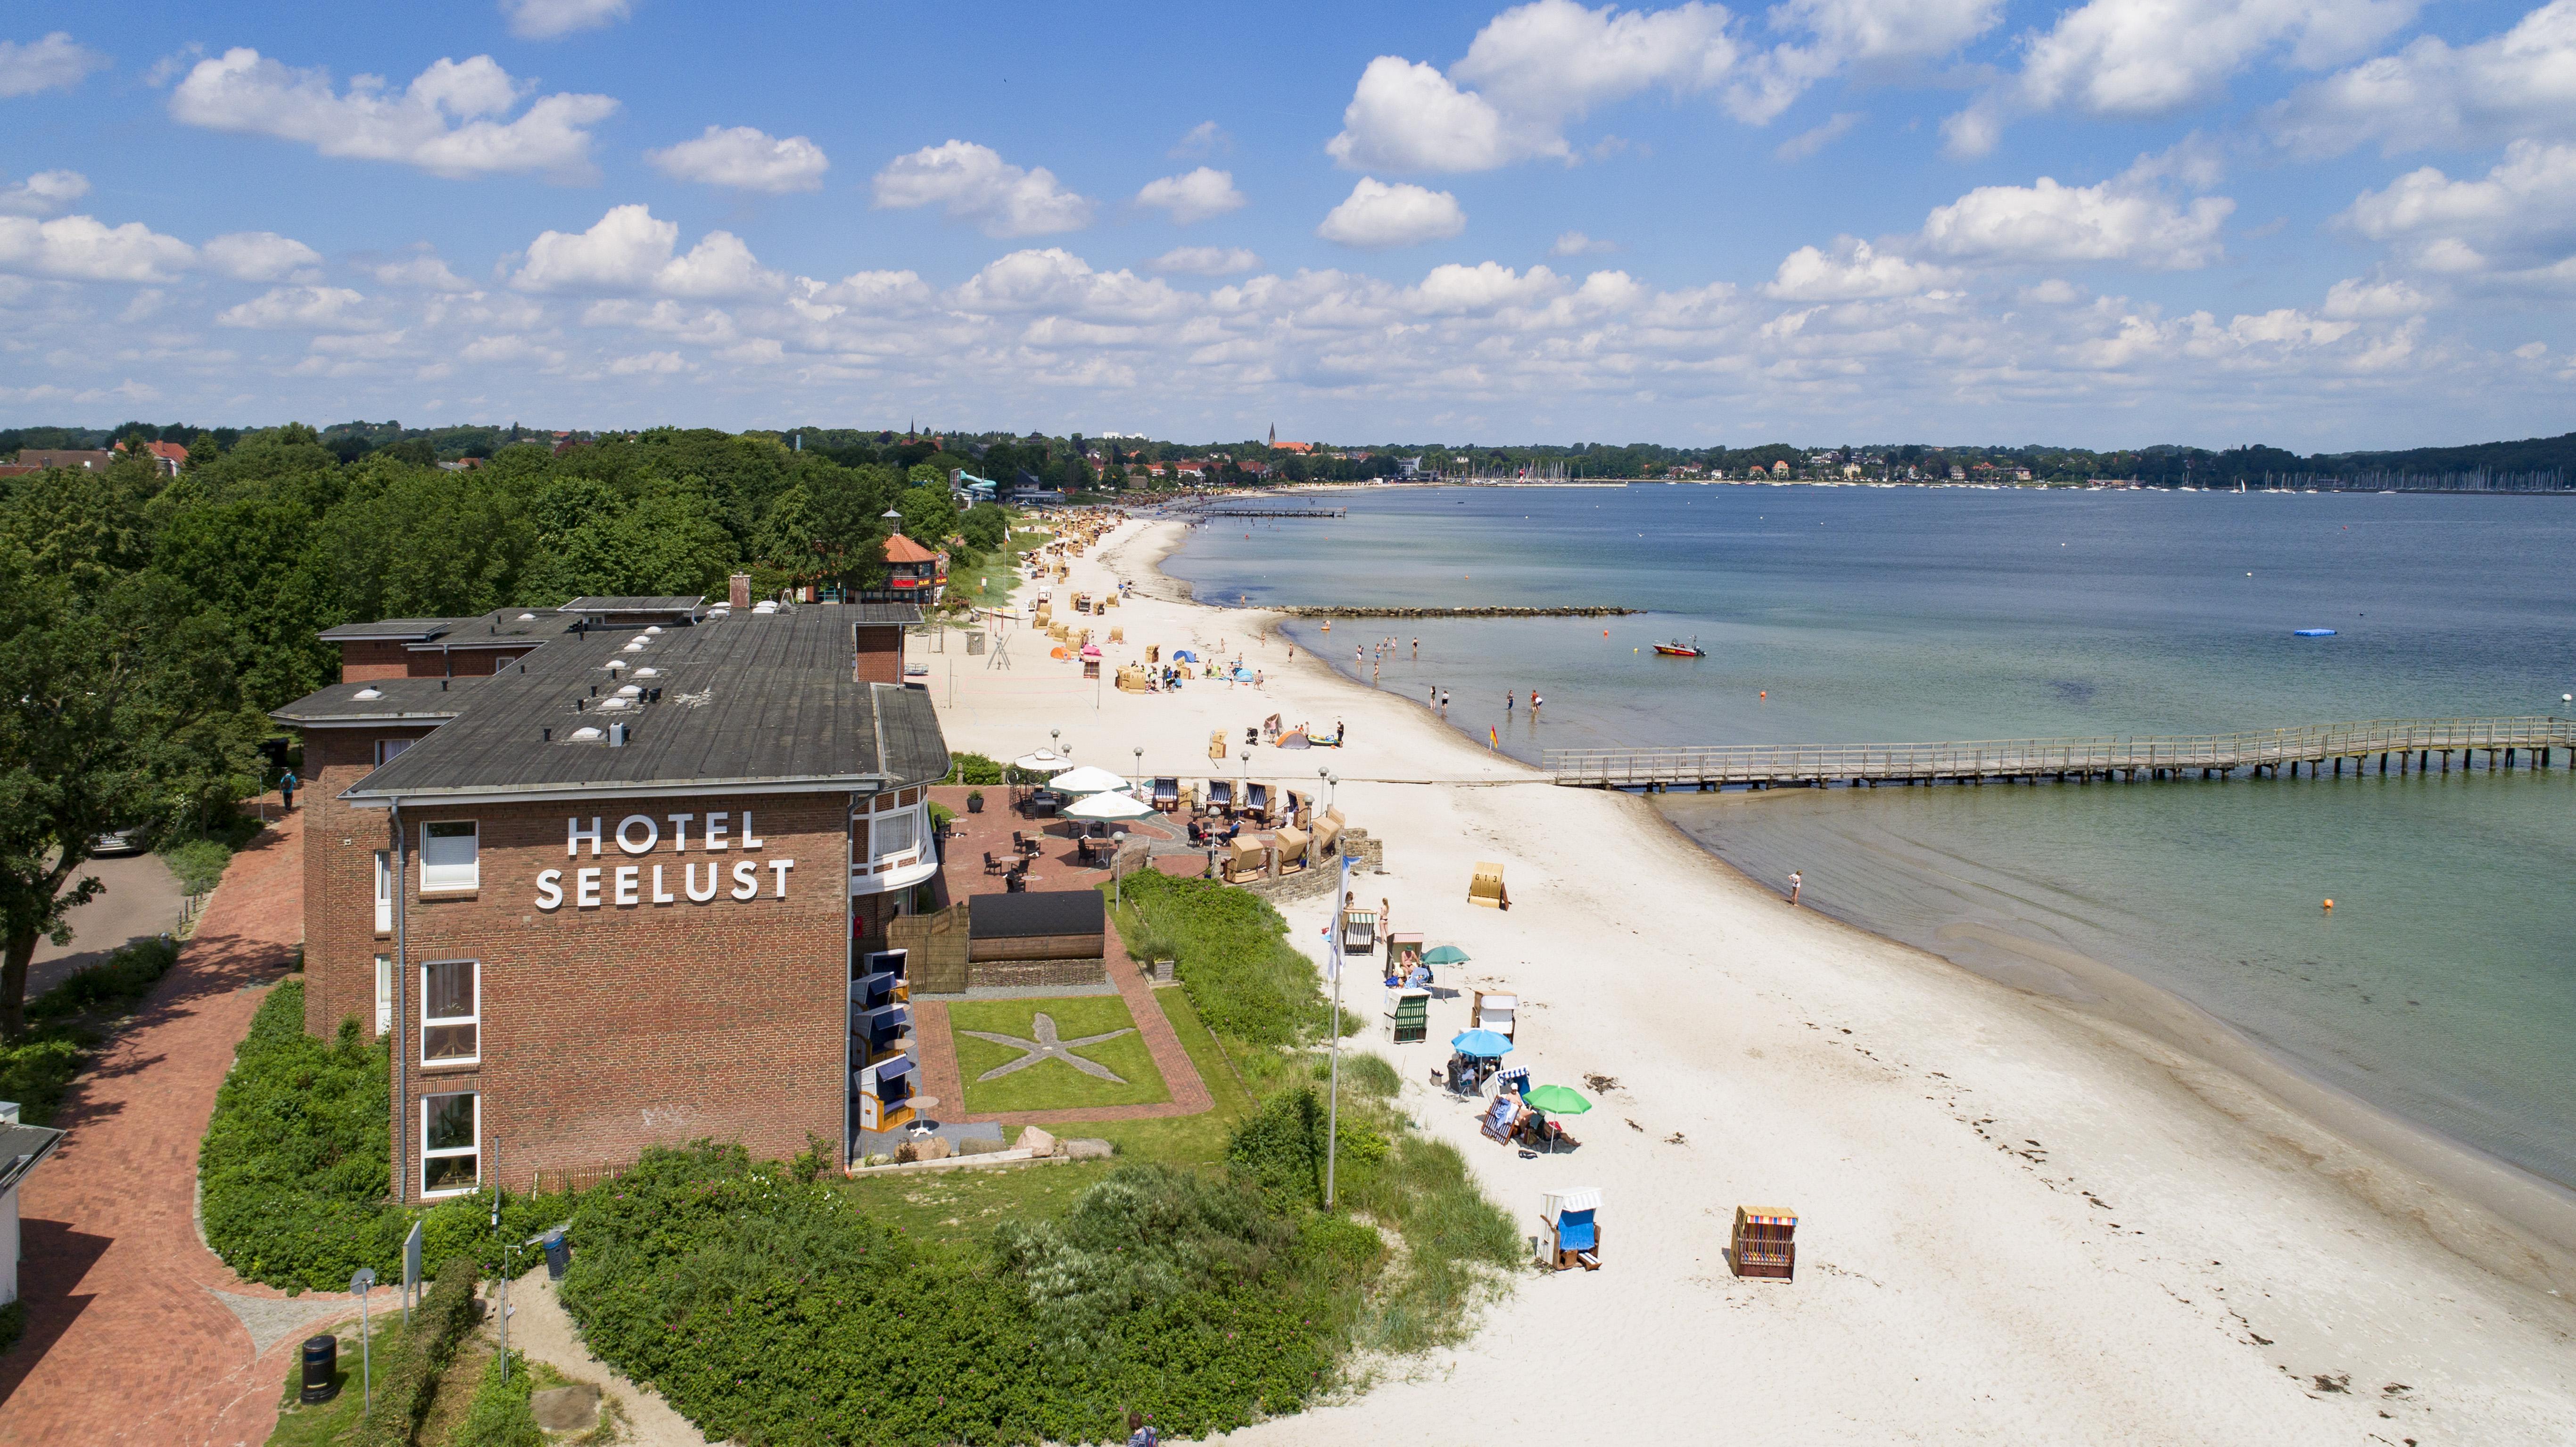 Hotel Seelust Fur Urlaub In Eckernforde An Der Ostsee